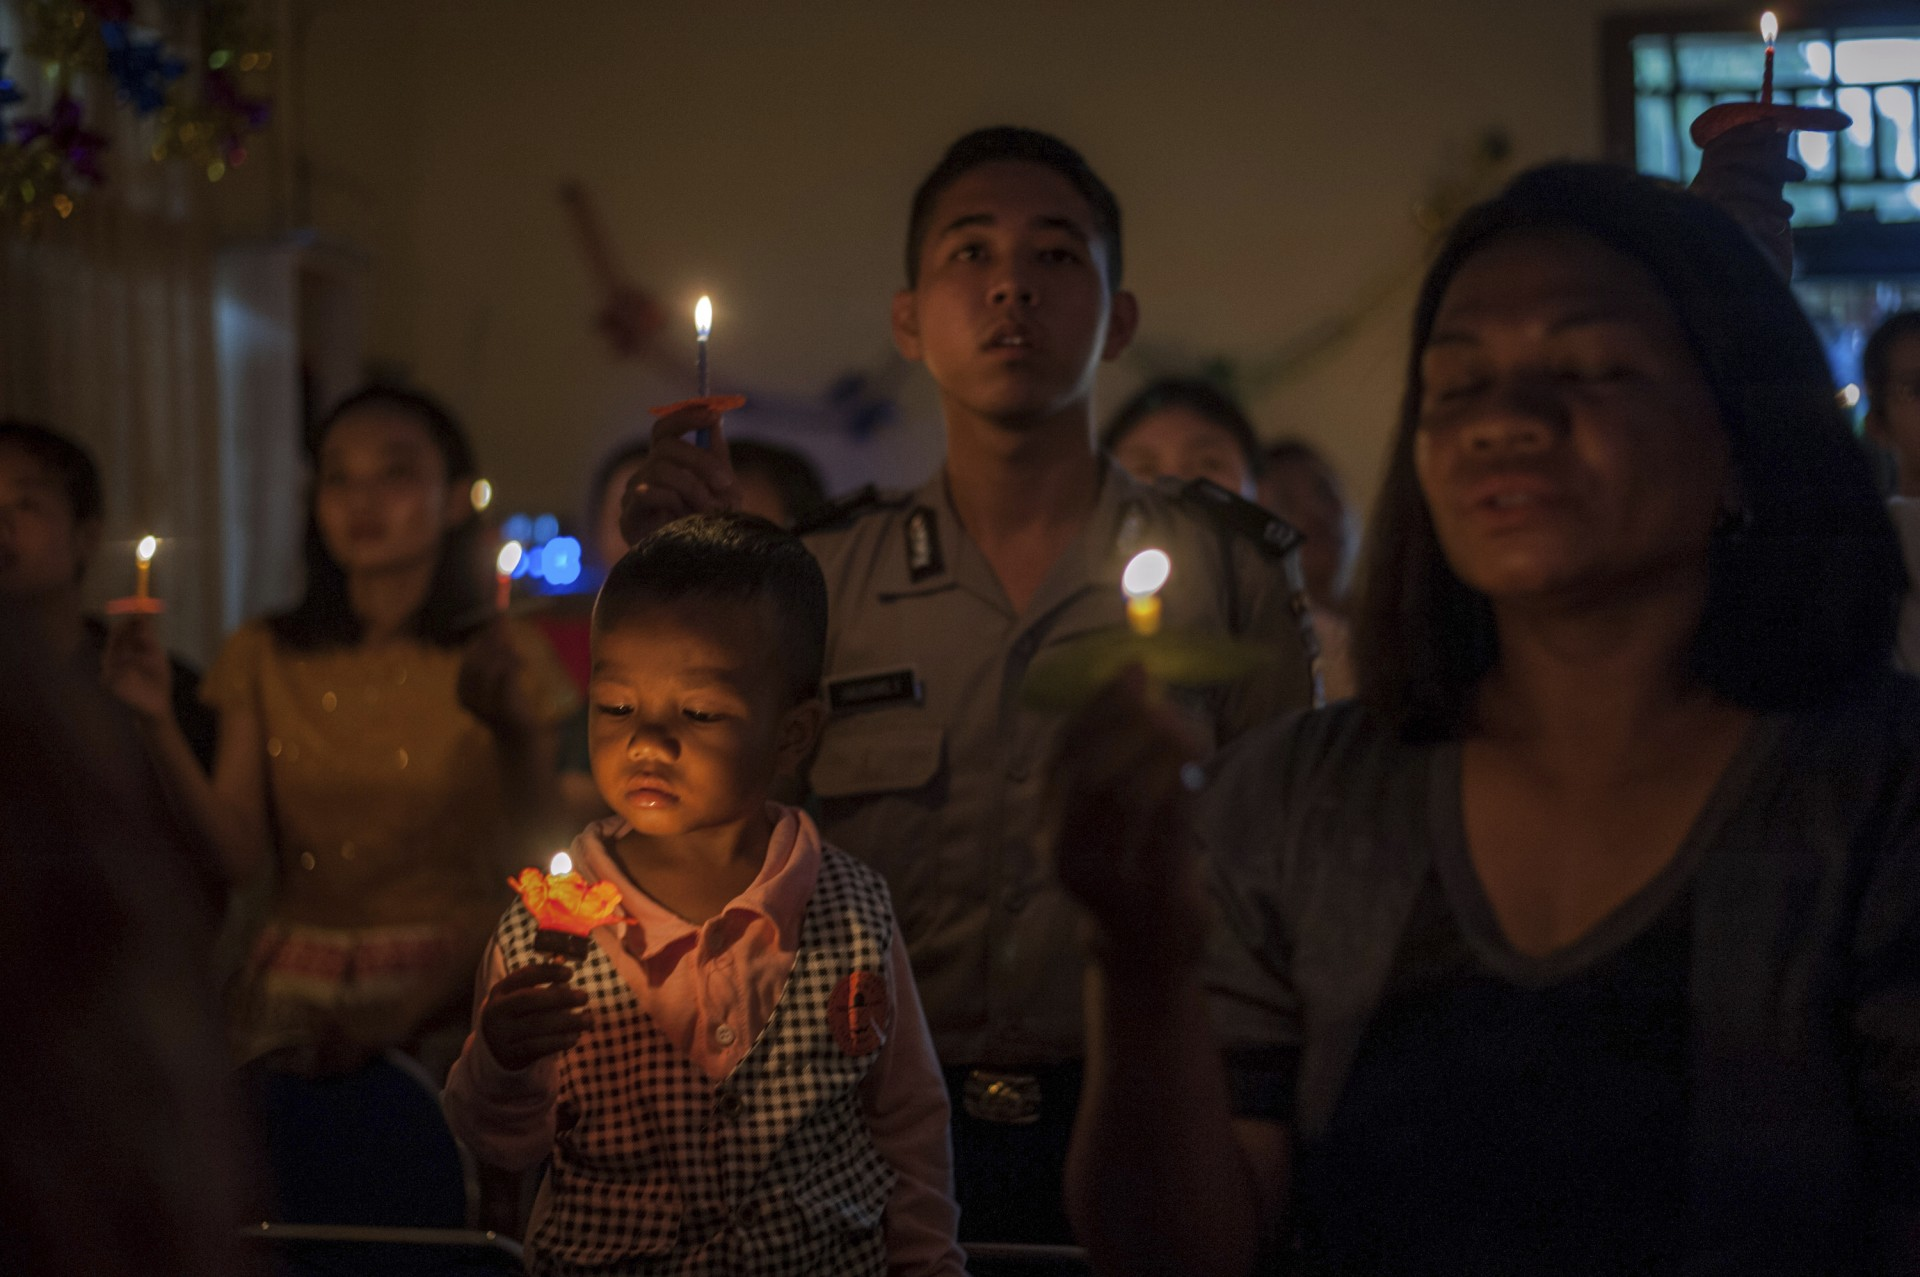 Las personas asisten a un servicio de Navidad en la Iglesia Pentecostal Rahmat en Carita, Indonesia, el martes 25 de diciembre de 2018.